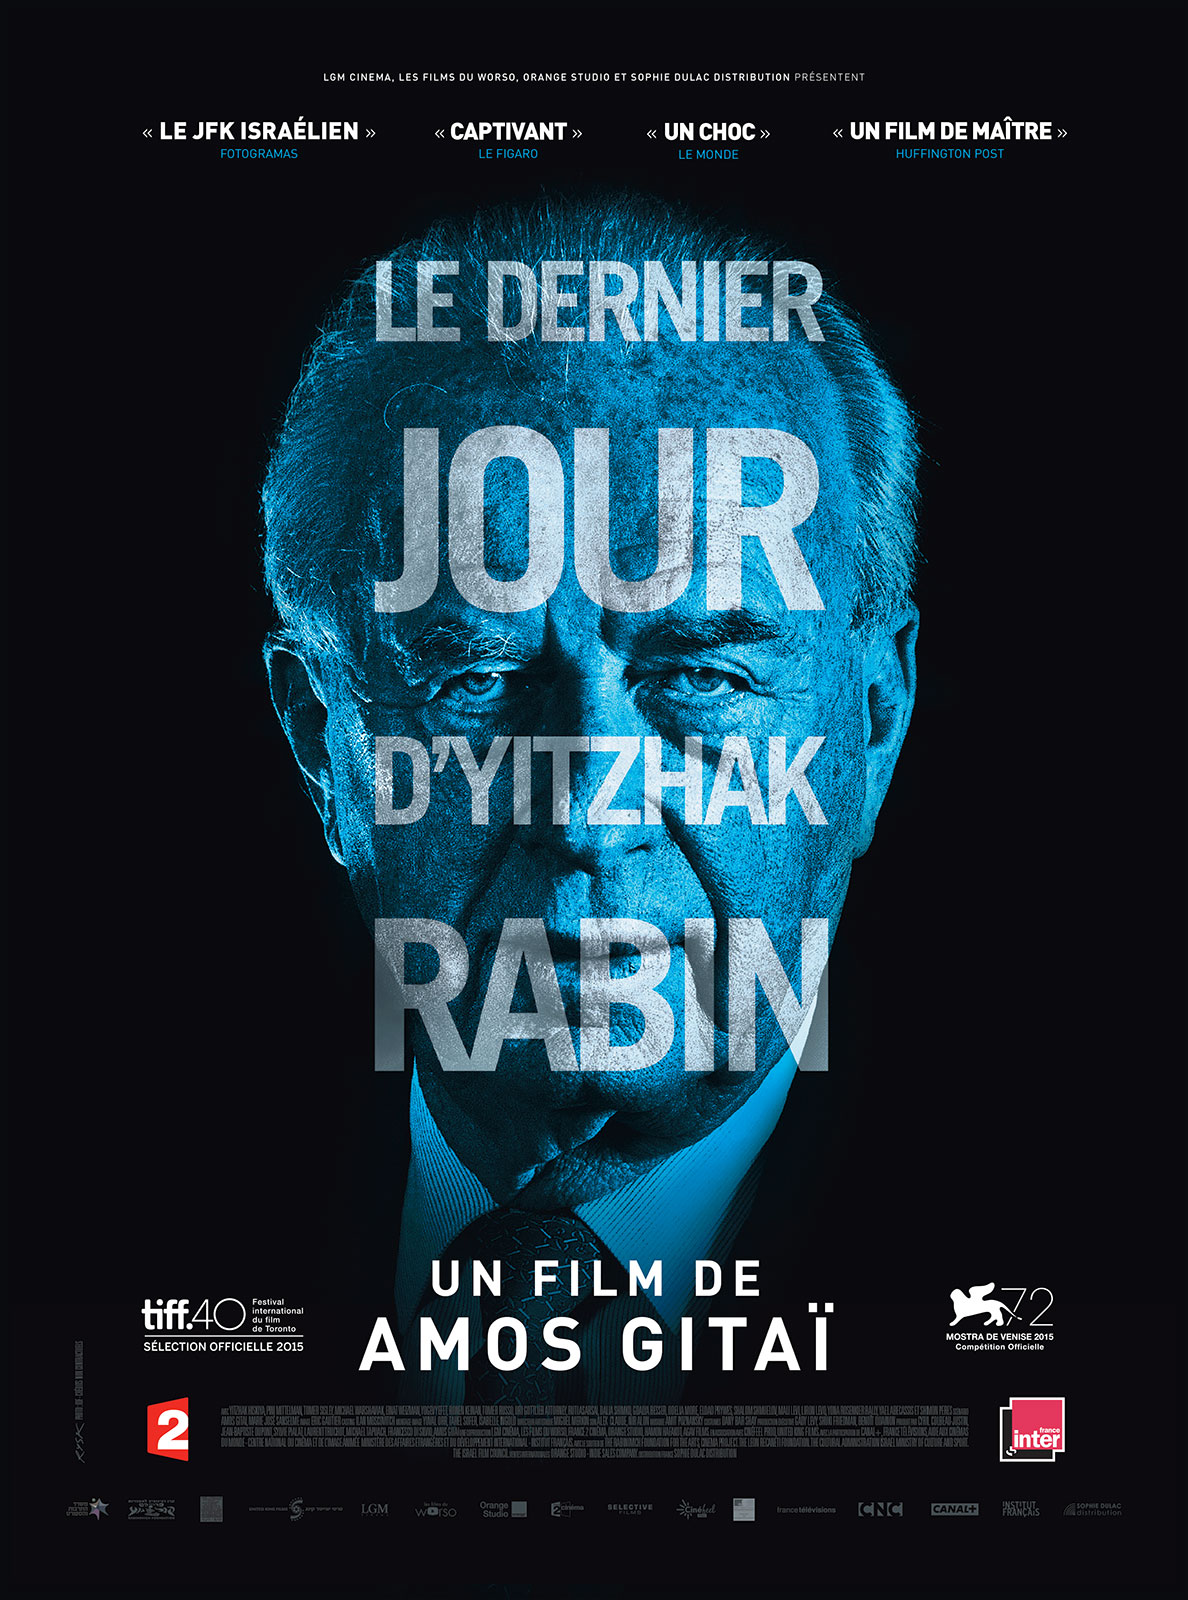 Le dernier jour d yitzhak rabin film 2015 allocin - Dernier jour de solde ...